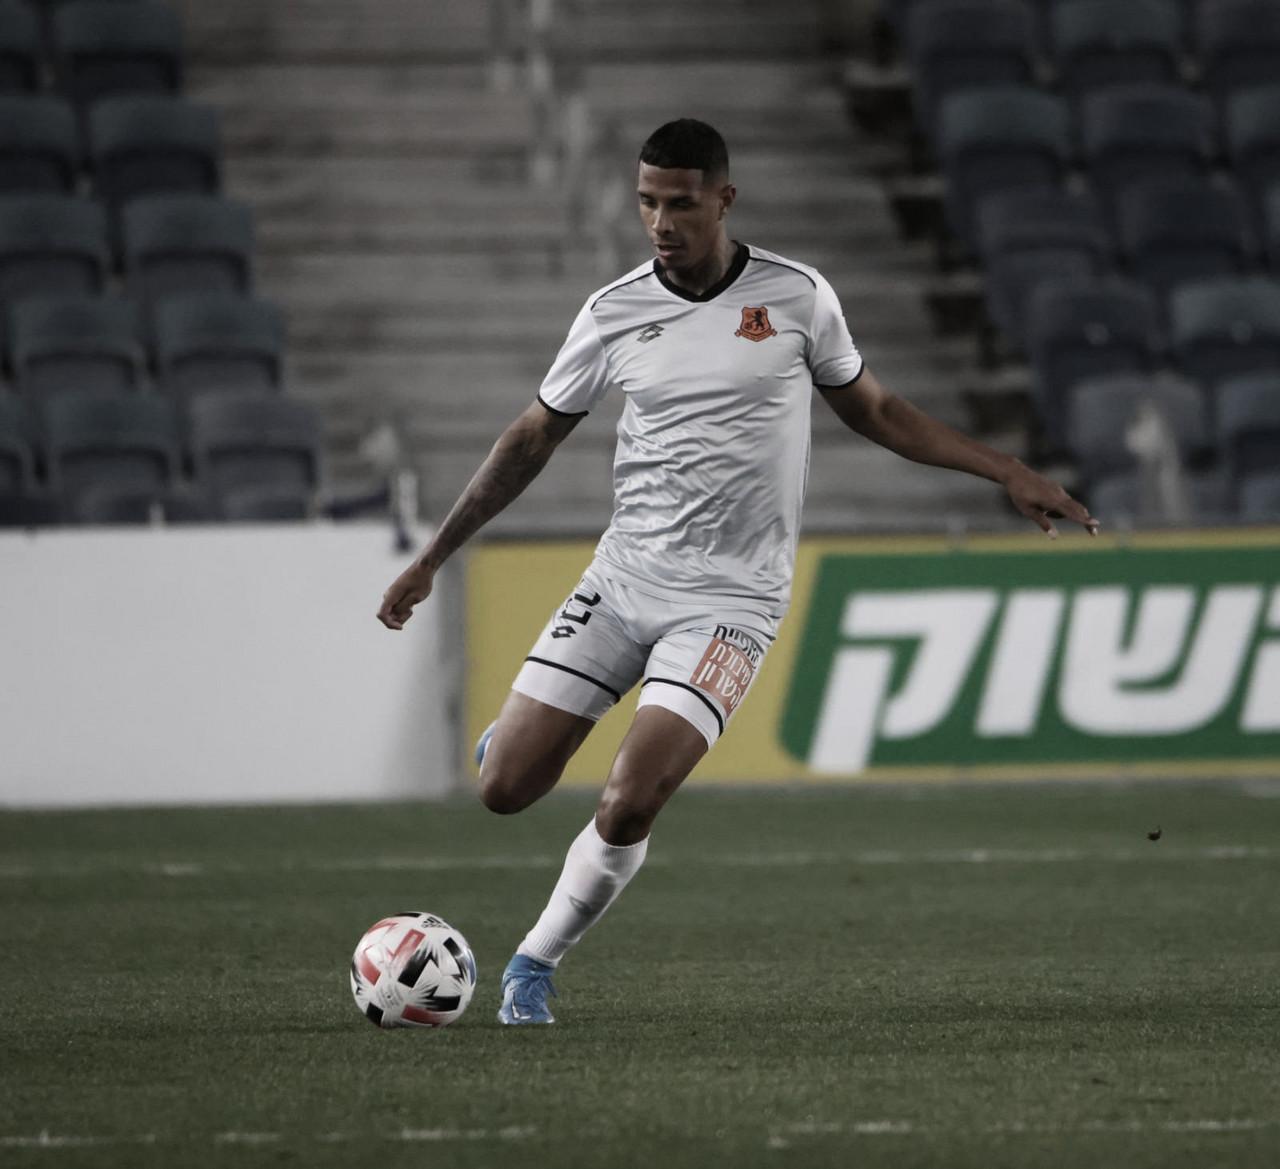 Allyson avalia temporada no Bnei Yehuda e enaltece sua passagem por Israel